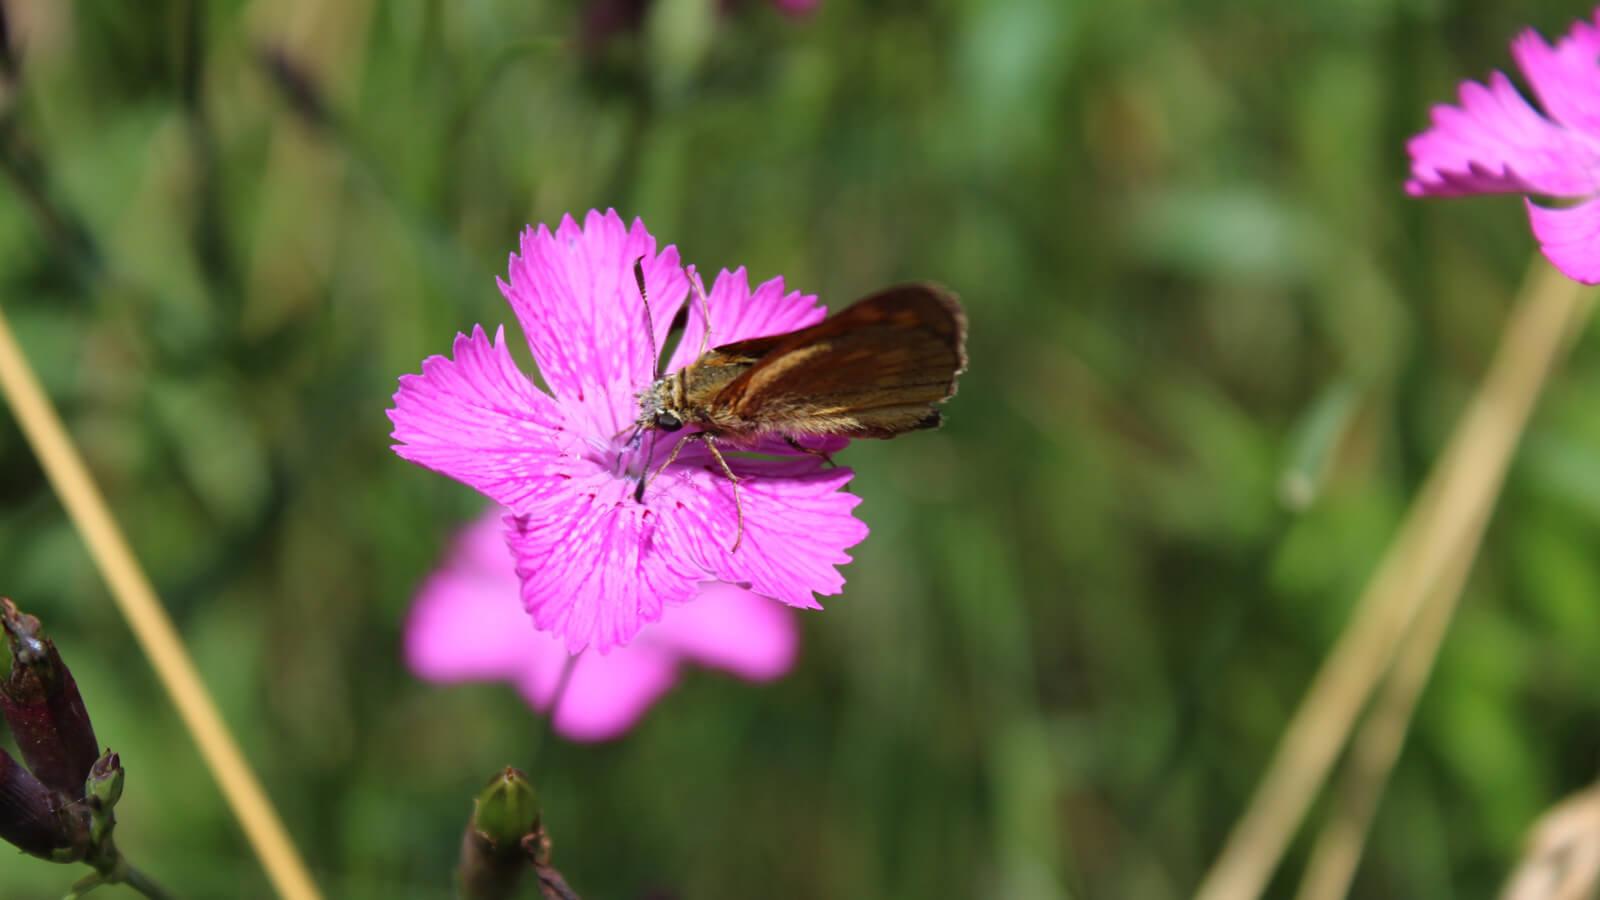 Schmetterling auf einer Nelke. Foto: LEV MS